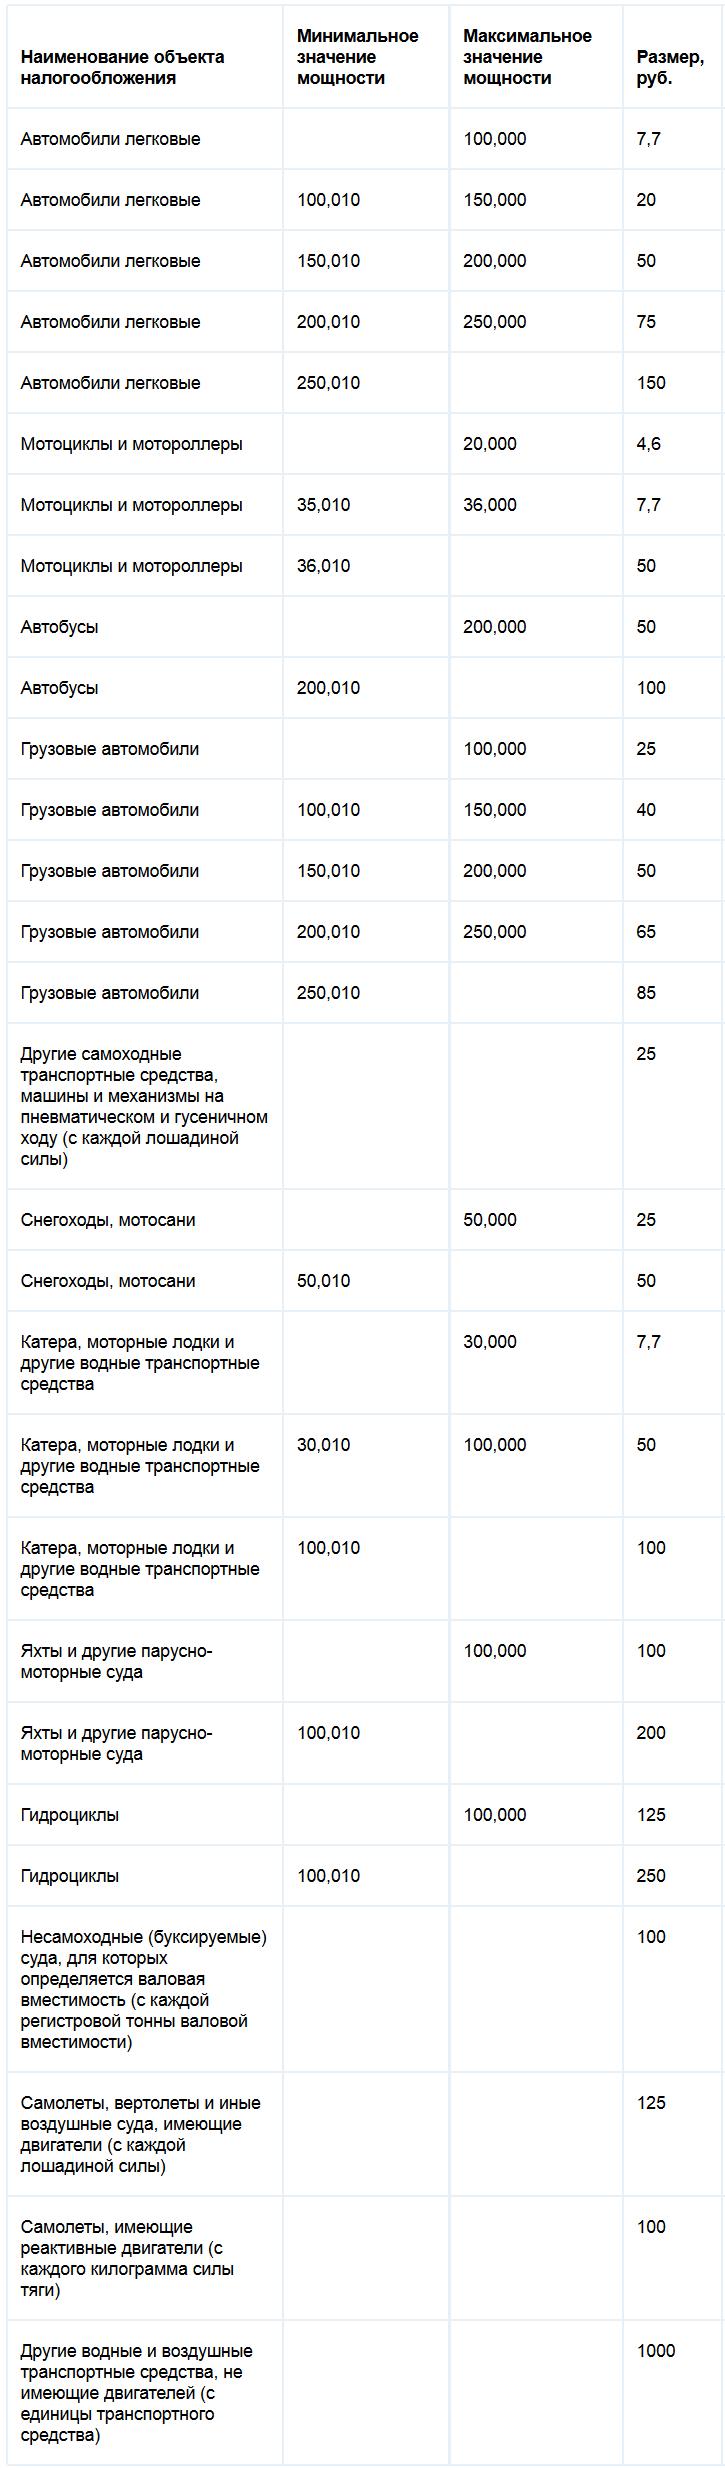 Ставки транспортного налога Челябинской области